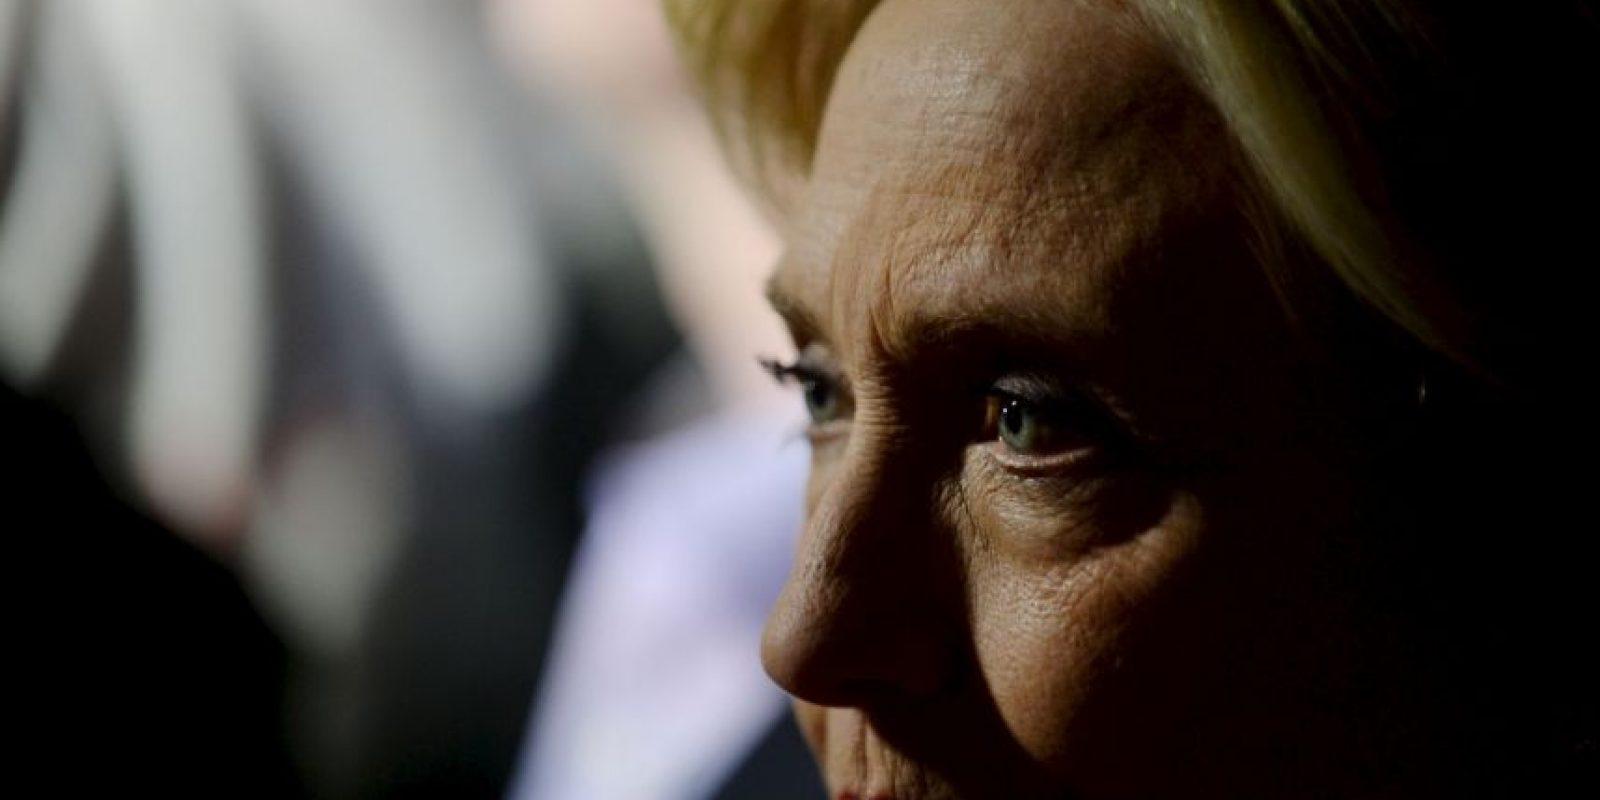 Tras esta situación, han surgido dudas que cuestionan si la candidata en realidad entregó todos los correos electrónicos relacionados con su trabajo . Foto:Getty Images